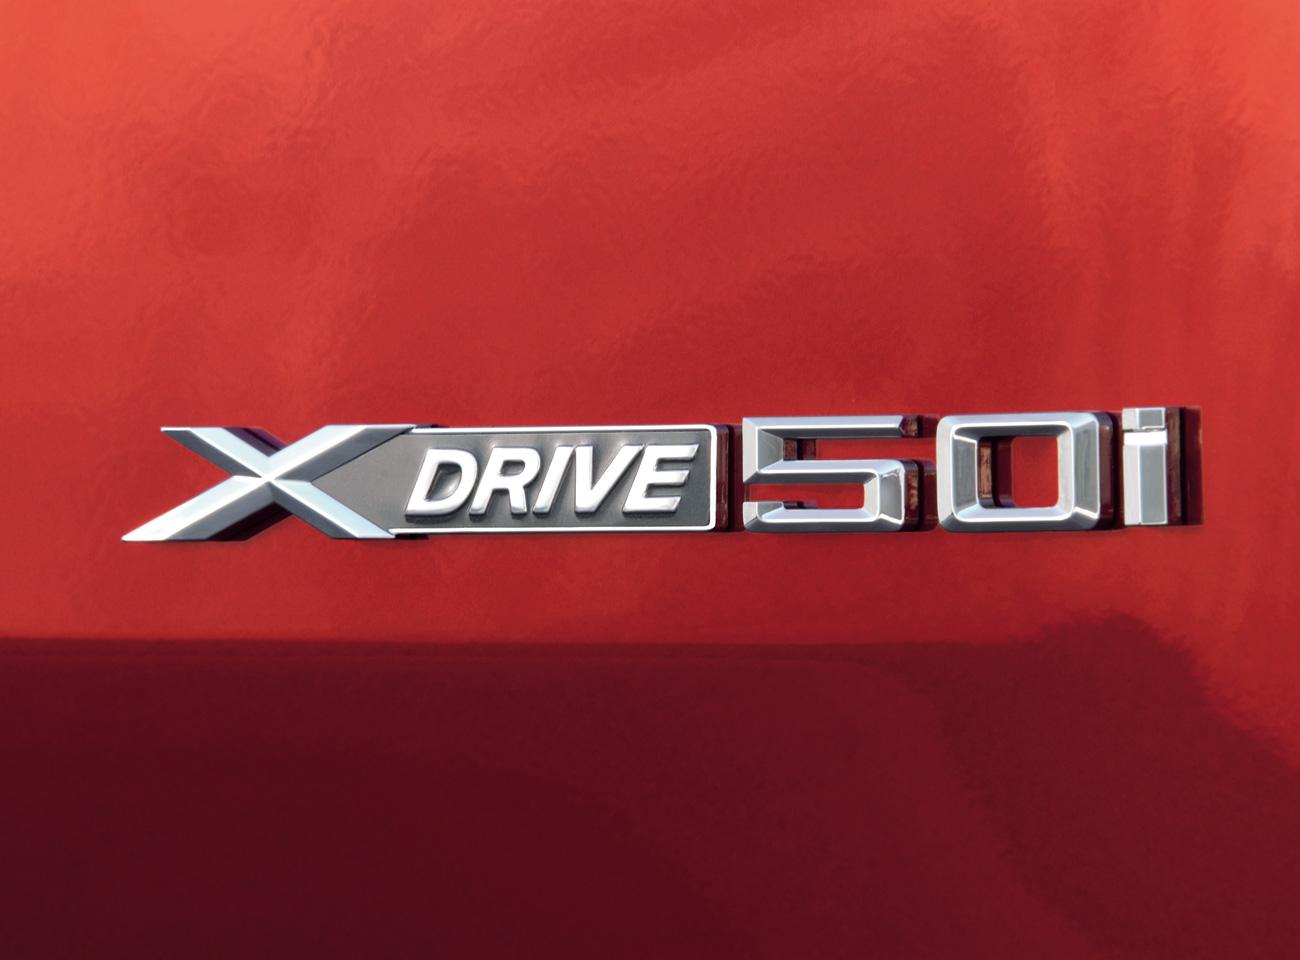 Vue agrandie du logo xDrive50i qui orne les flancs de la BMX X6 xDrive50i. Ce modèle est le plus sportif de la gamme, étant motorisé par un moteur V8 bi-turbo à injection directe de 400 ch.